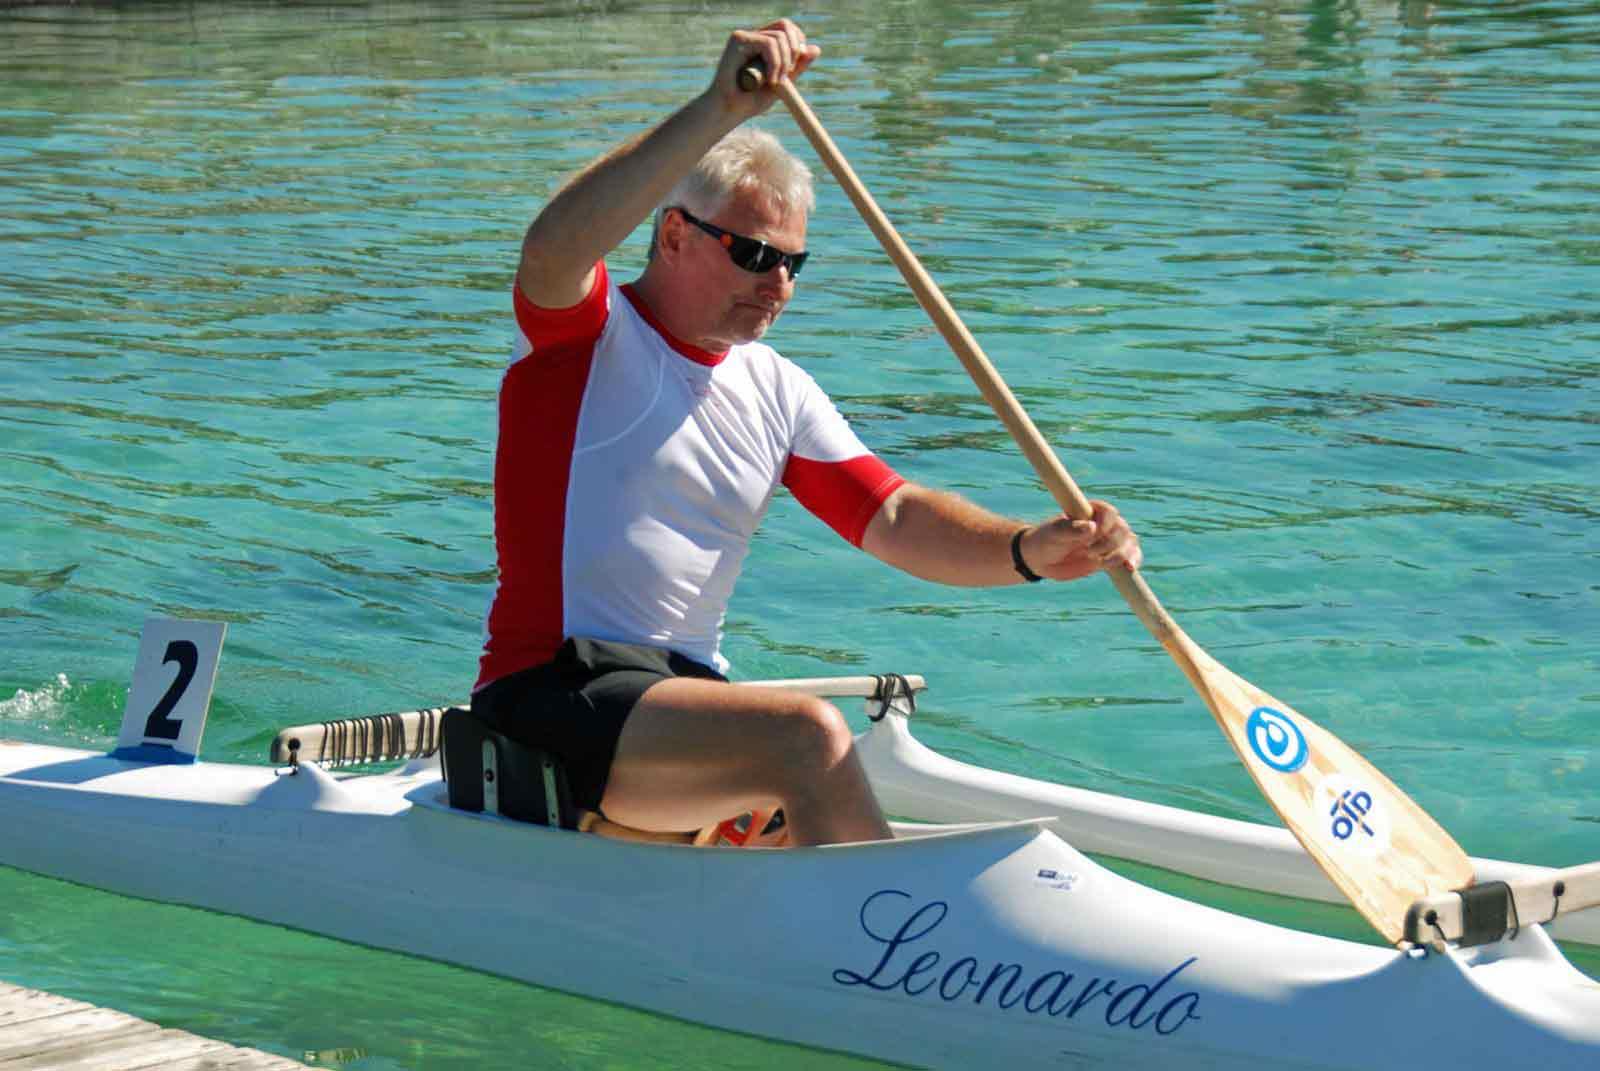 Gerhard Bowitzky hat nach einem Unfall ein Bein verloren; der Kanu-Sport half ihm dabei, sich ins Leben zurückzukämpfen. Das Foto zeigt ihn bei der Para-Kanu-WM in Polen 2011, wo er Vizeweltmeister wurde. (Foto: Verein)^